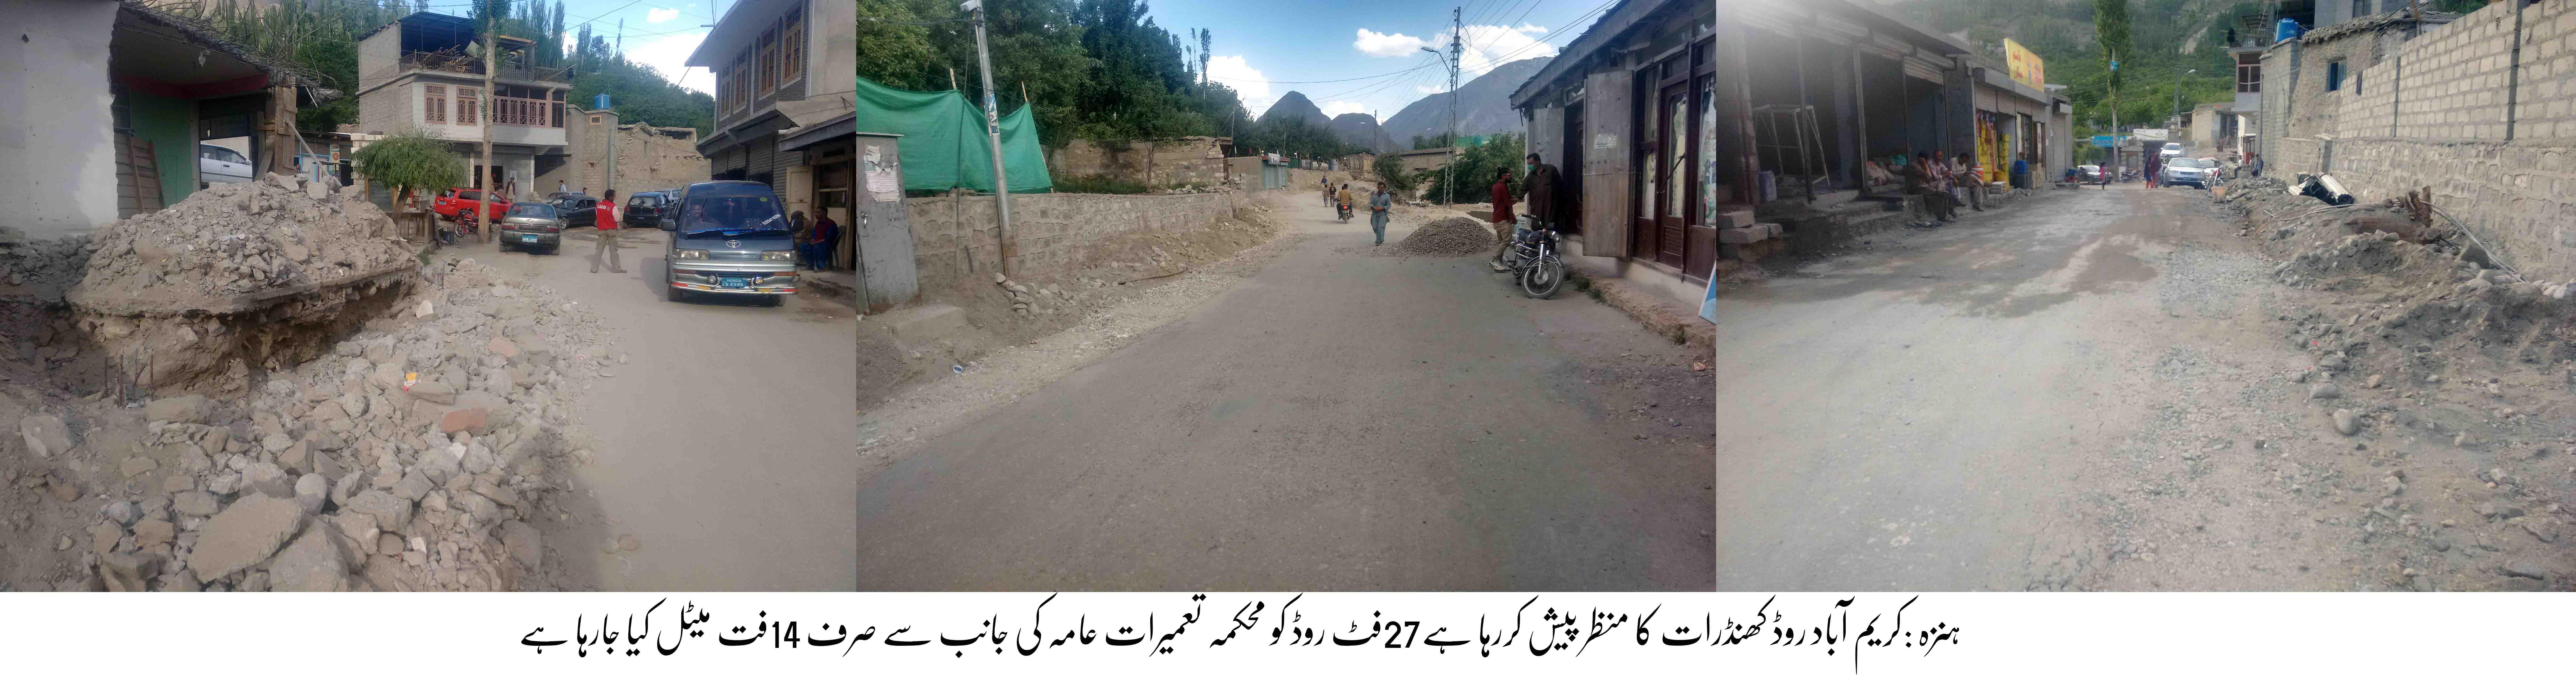 ہنزہ: کریم آباد لنک روڈ کی توسیع اور میٹلنگ کا کام ناقص قرار